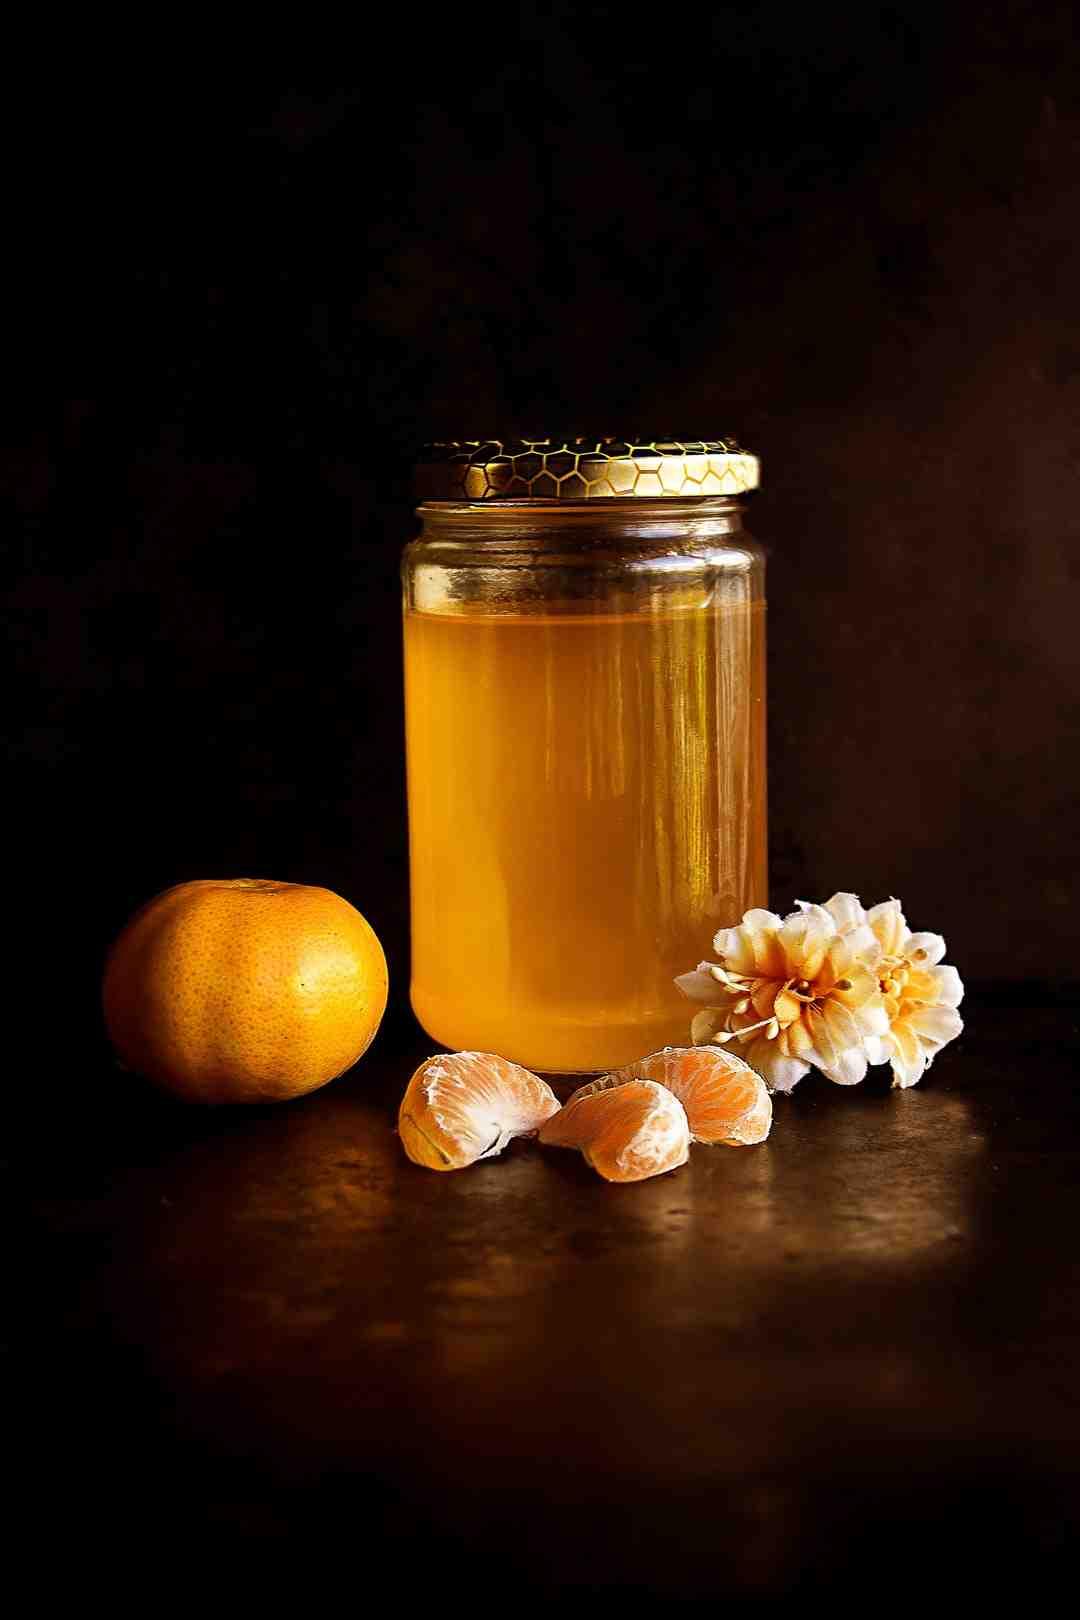 Comment enlever l'amertume de la confiture d'abricot?